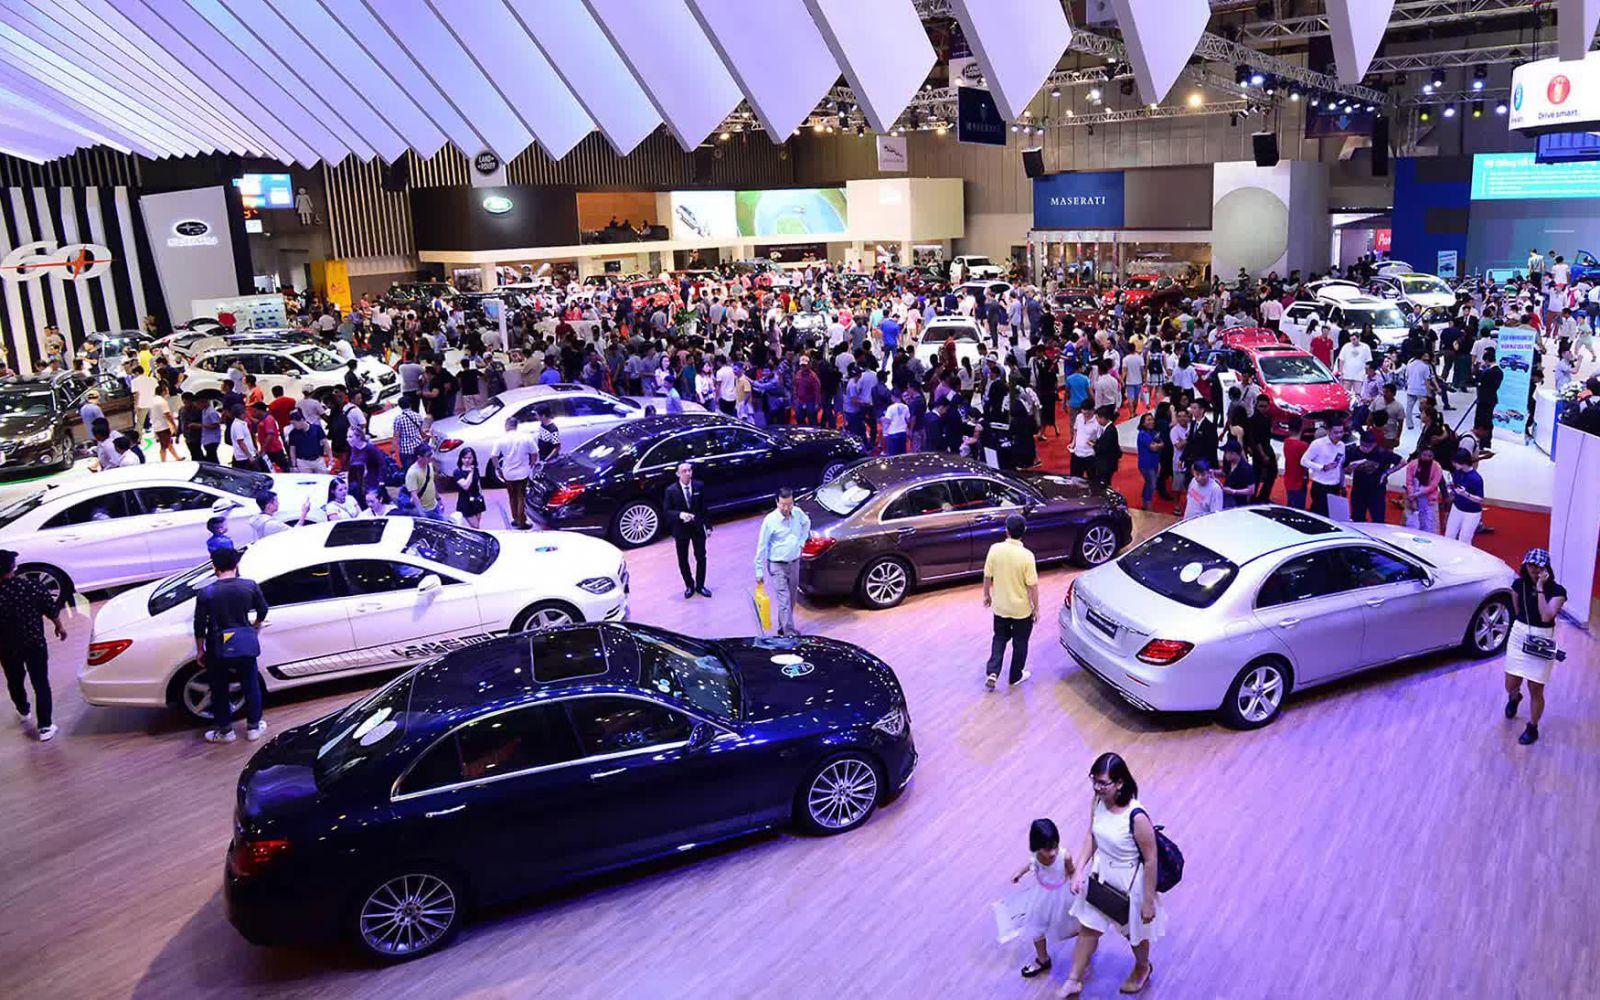 Tháng 3/2021: Doanh số ô tô ấn tượng, đạt 30.935 xe, tăng 127%